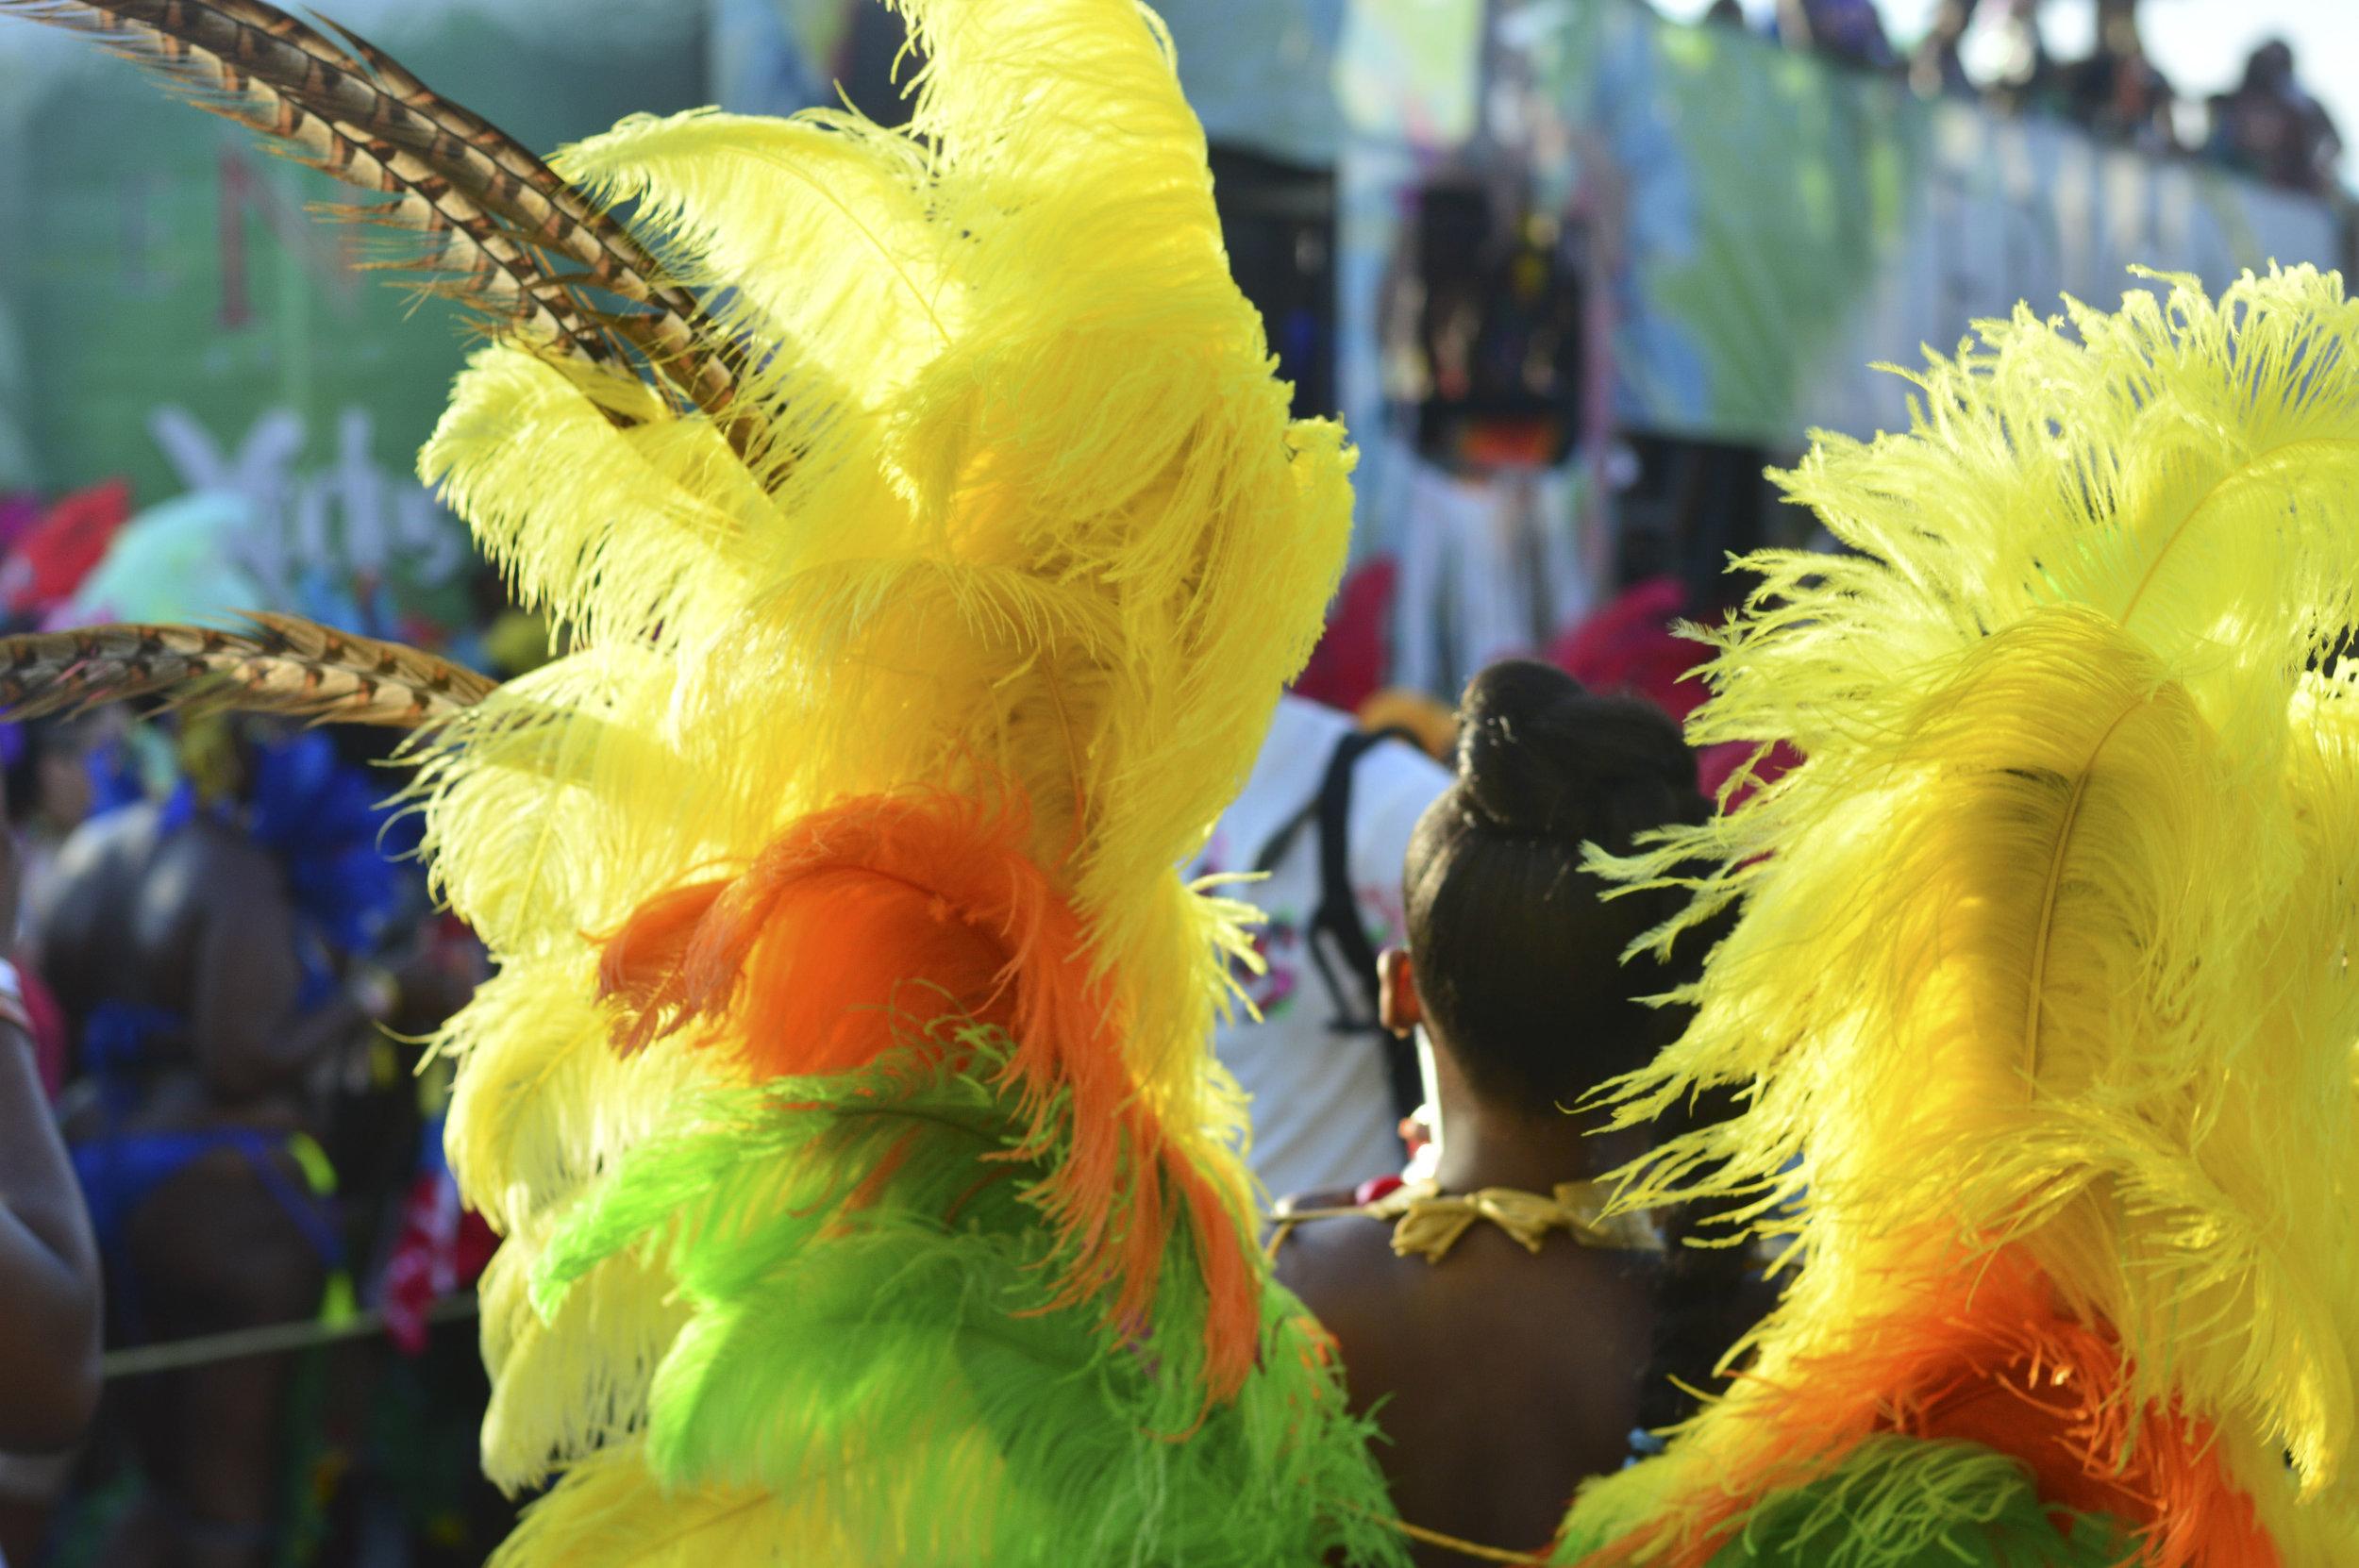 carnival2019_jeanalindo-2.jpg